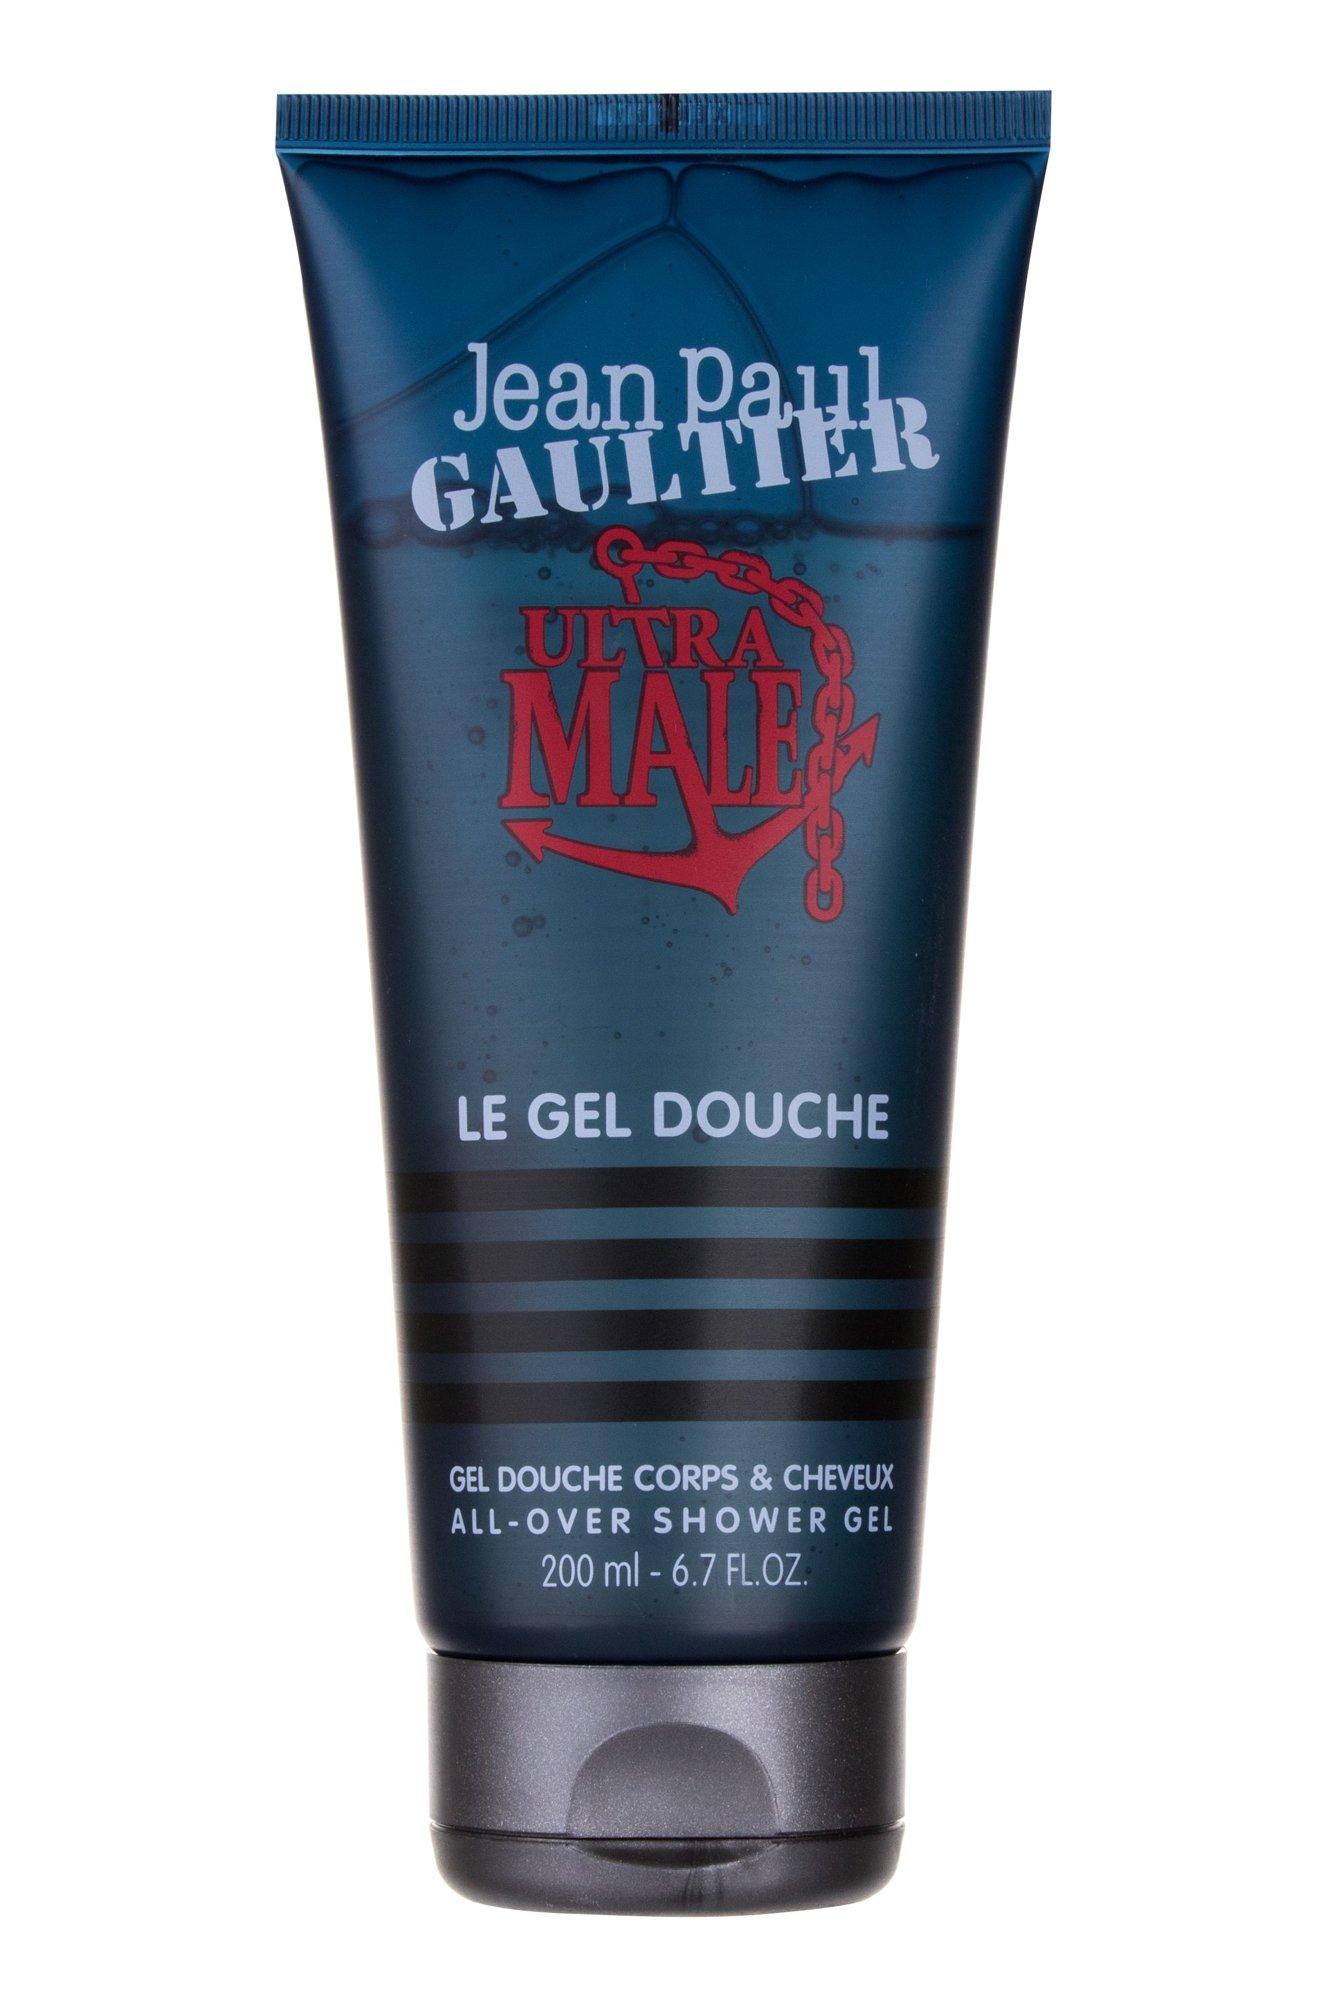 Jean Paul Gaultier Ultra Male Shower gel 200ml